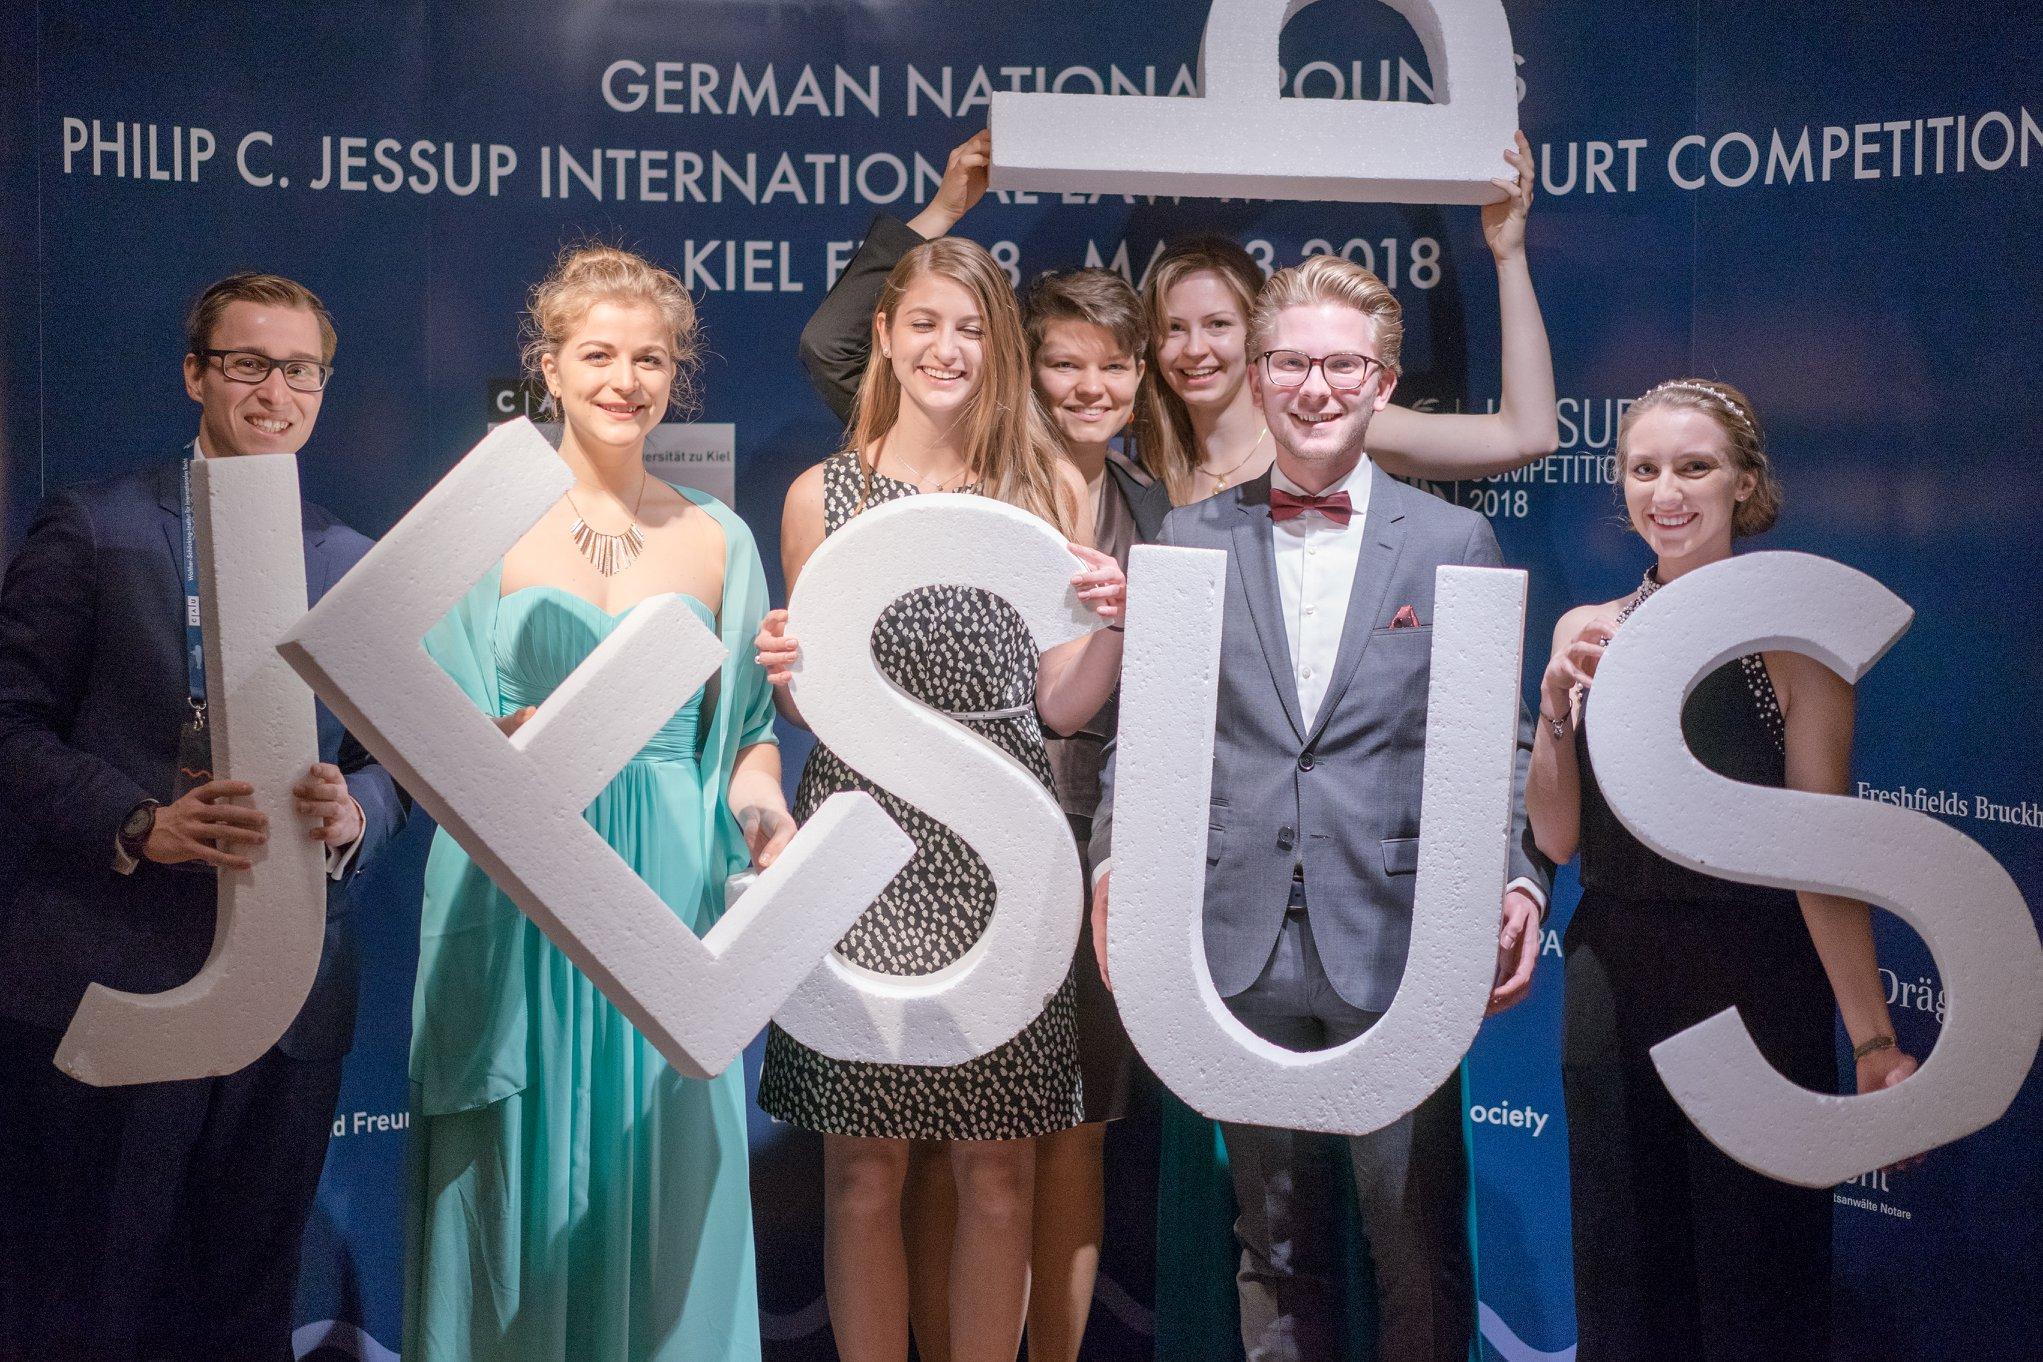 Das Team 2018 bei der Abschlussgala in Kiel